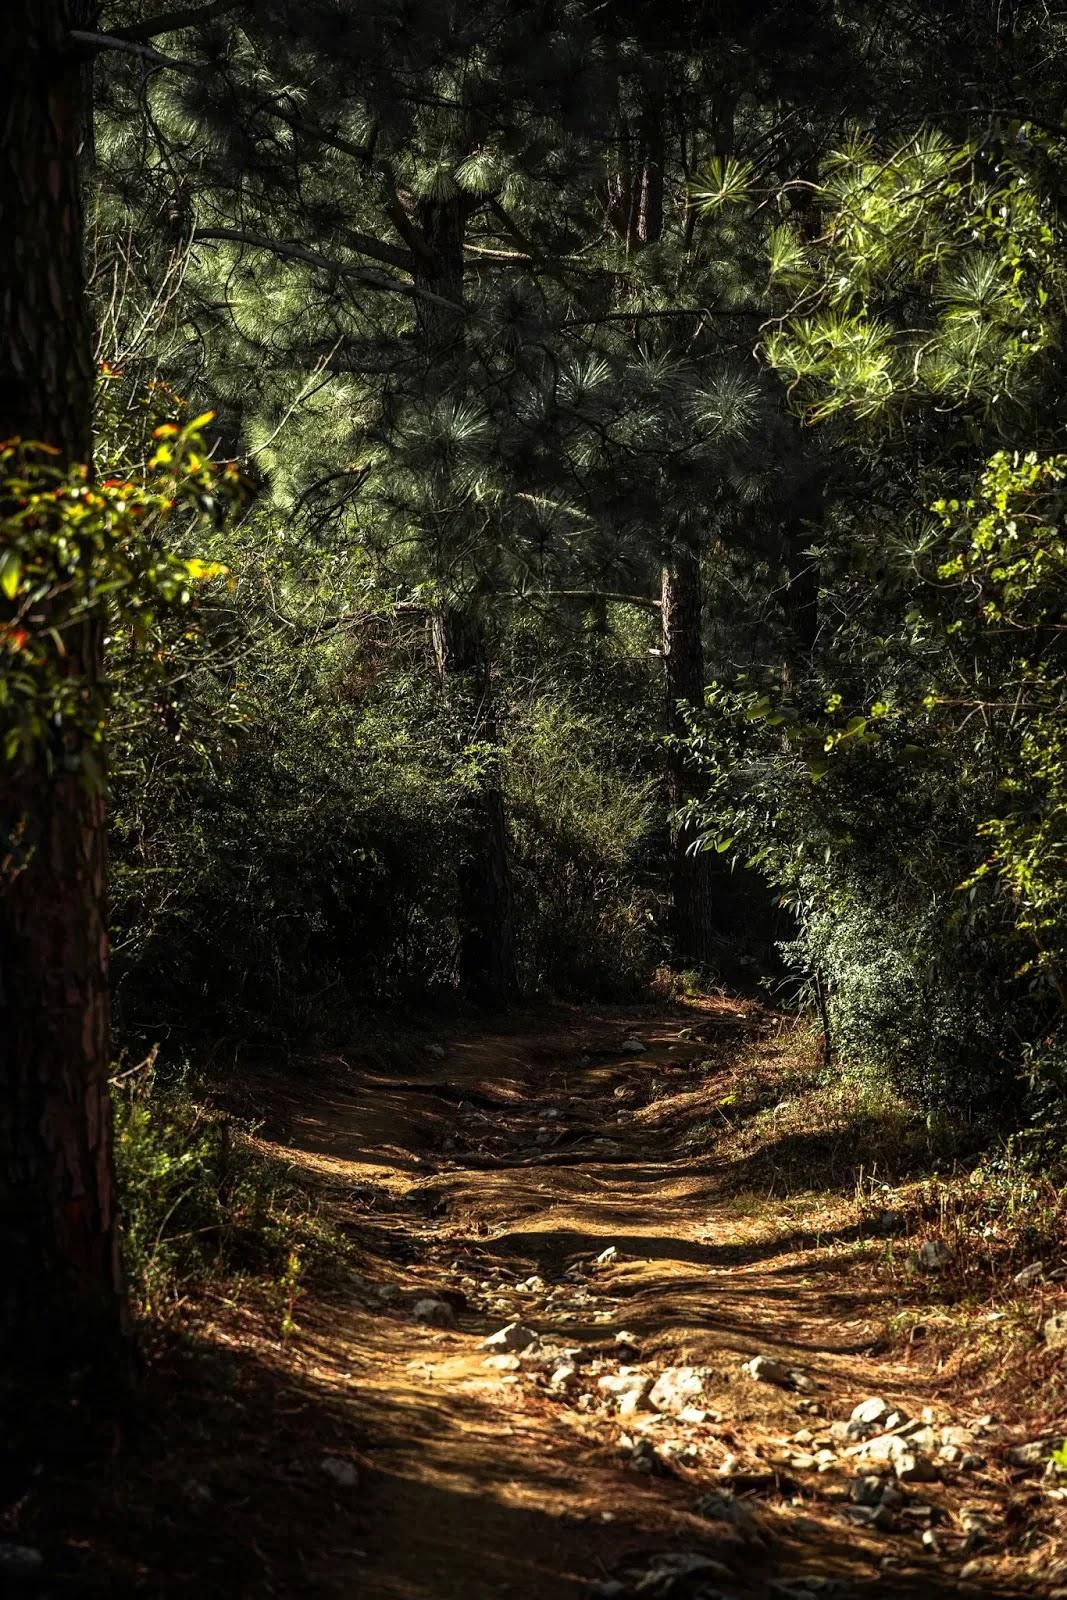 أحسن خلفيات الغابة للاندرويد